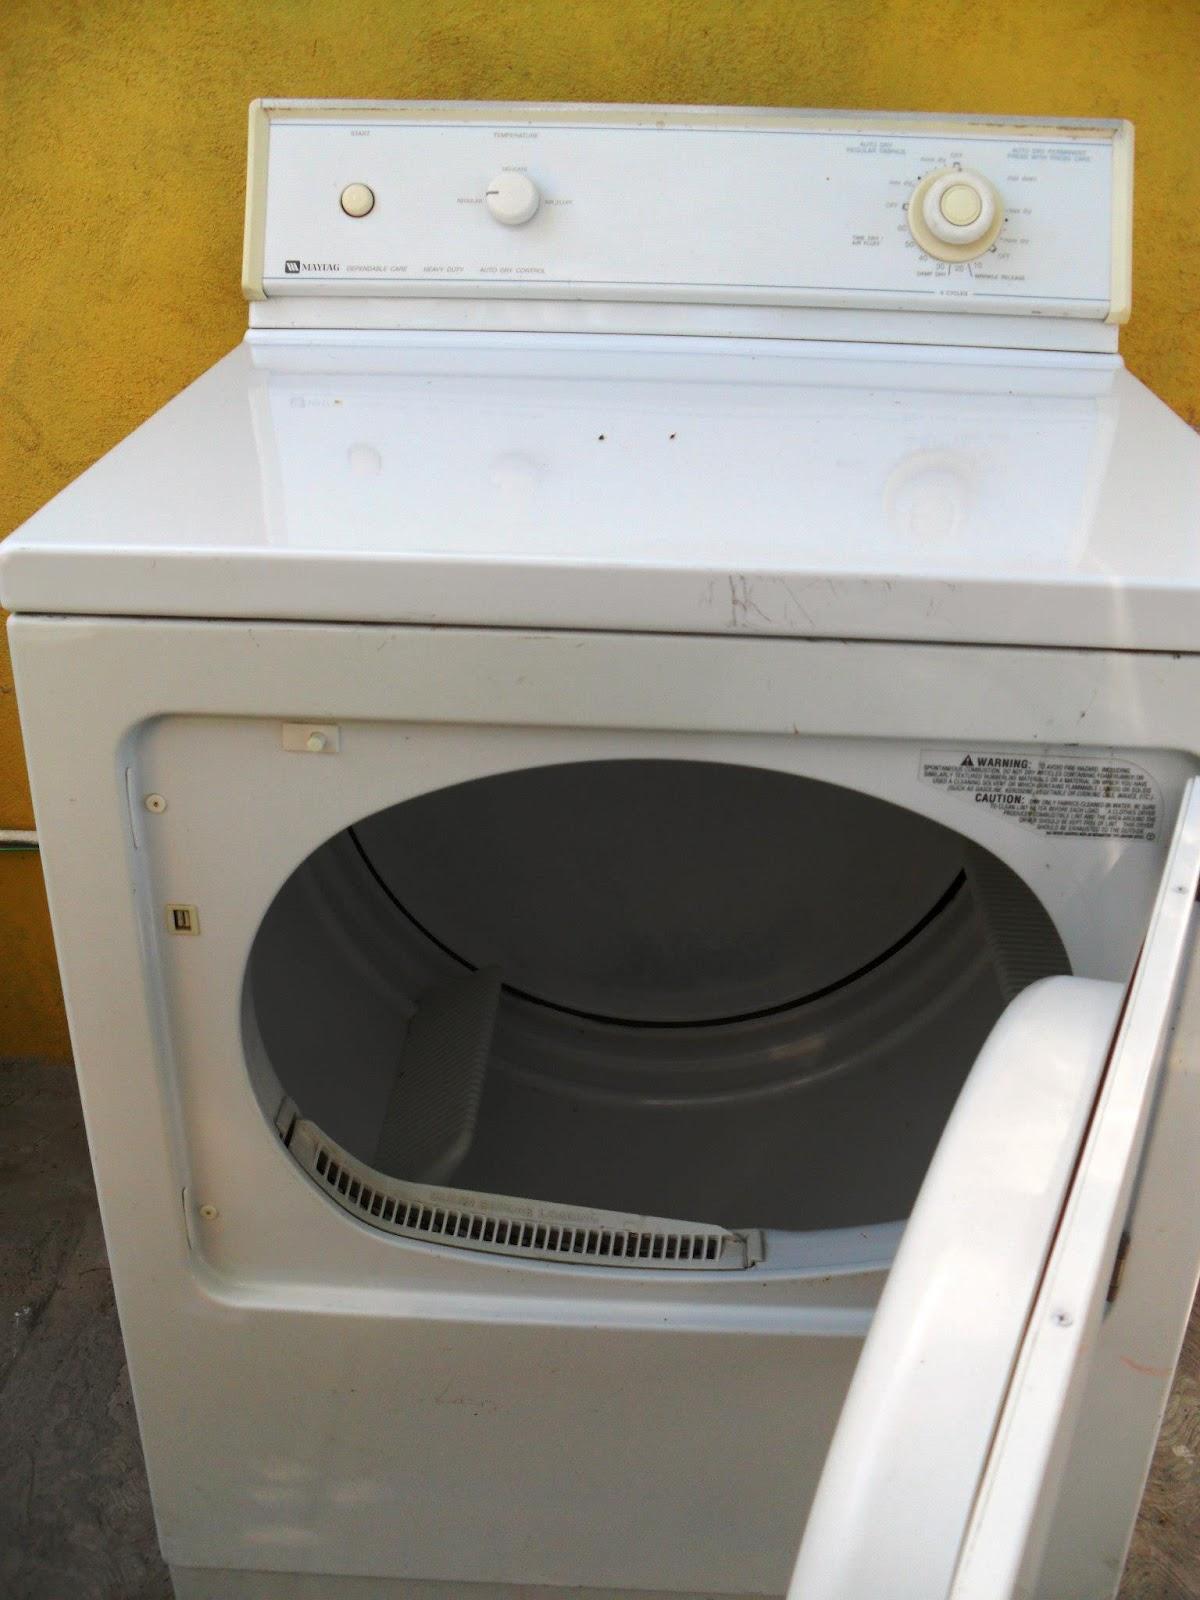 Venta de secadora el ctrica para ropa 220vac maytag tol for Cambiar instalacion electrica antigua precio